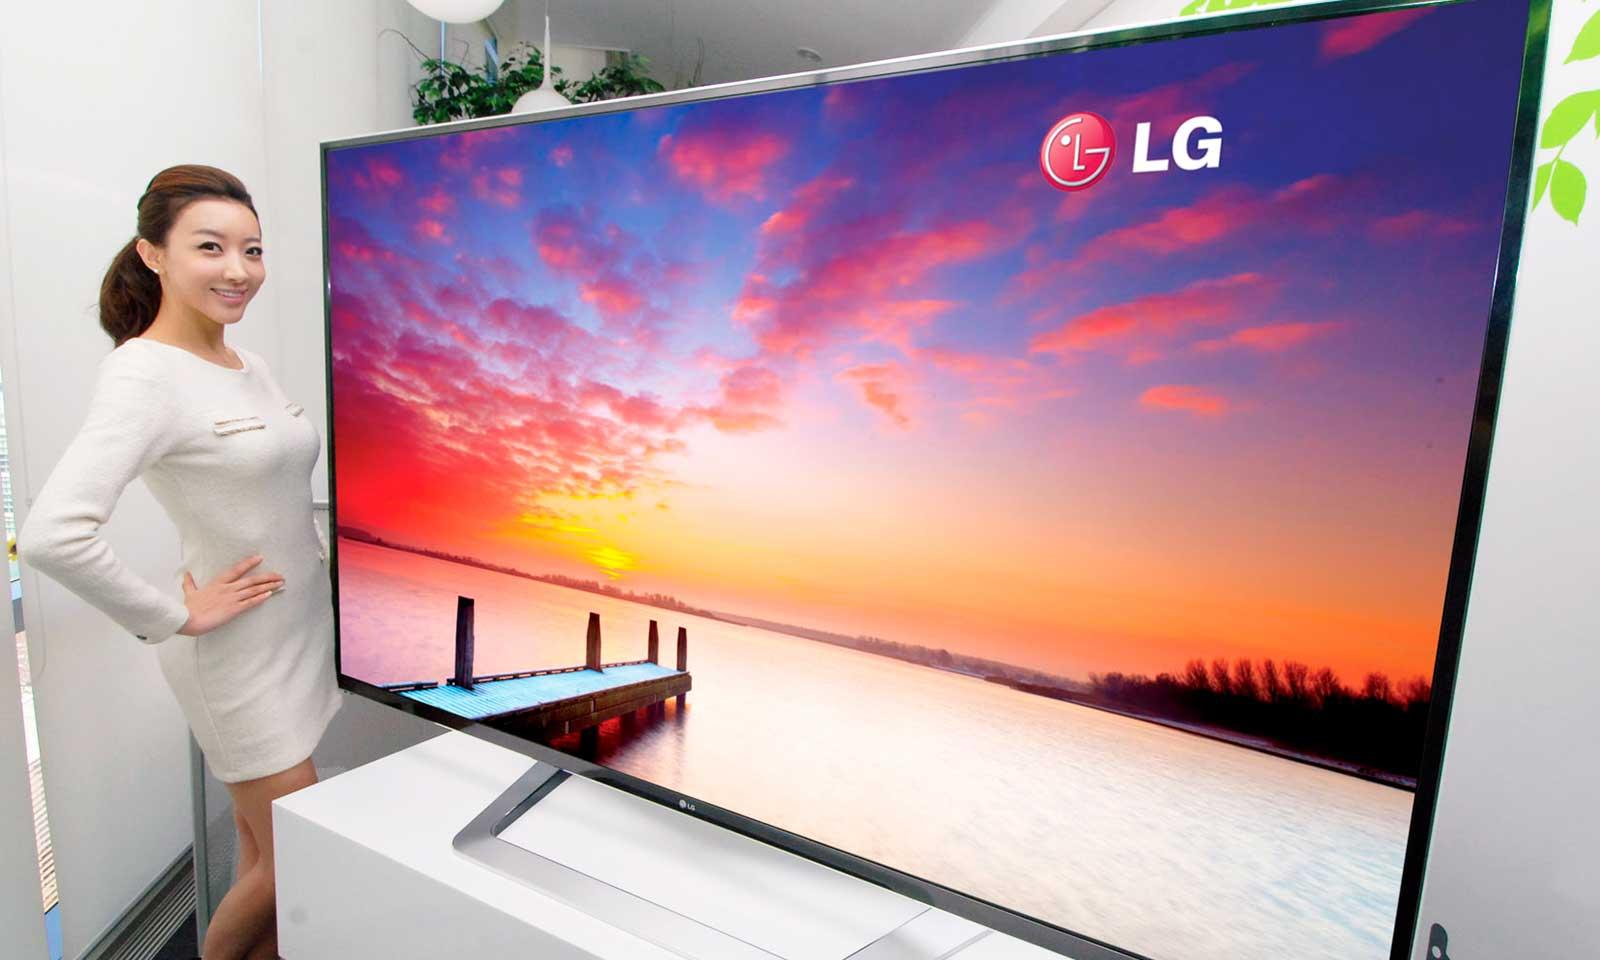 CES 2018: ThinQ e Alpha 9, trunfos da LG para entregar TVs mais inteligentes e com melhor qualidade de imagem